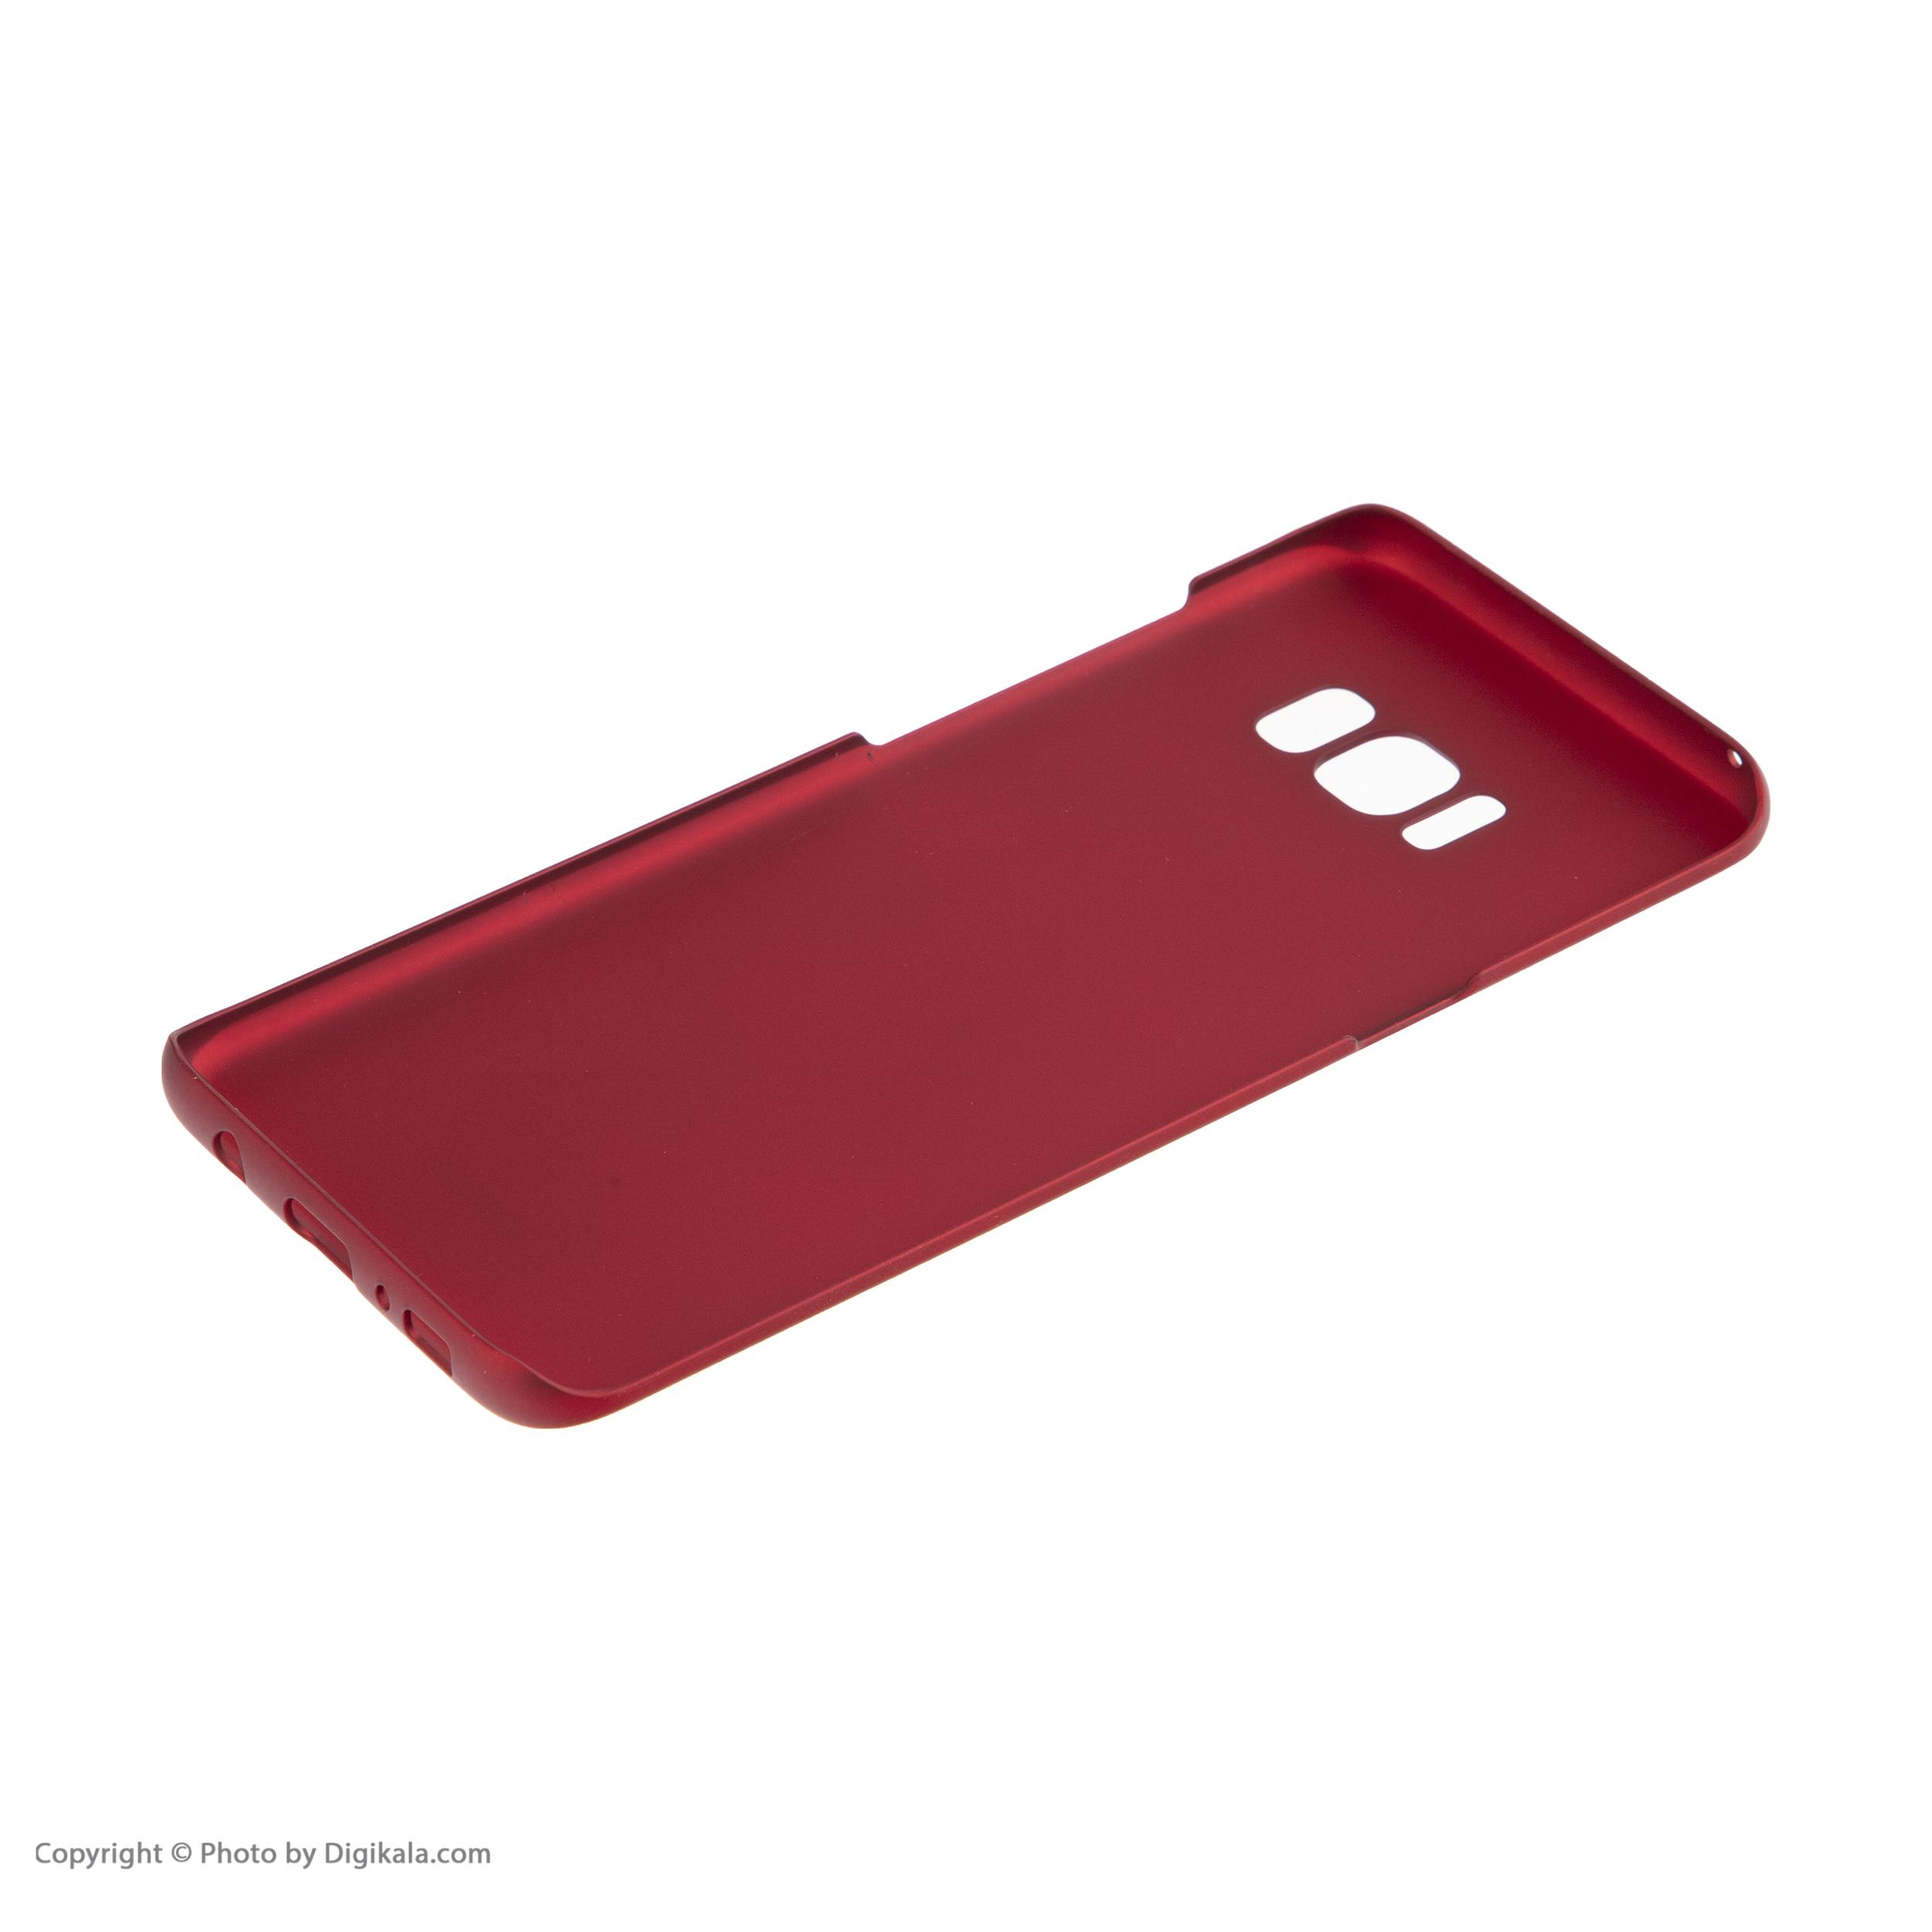 کاور جوی روم مدل JR-BP277 مناسب برای گوشی موبایل سامسونگ Galaxy S8Plus